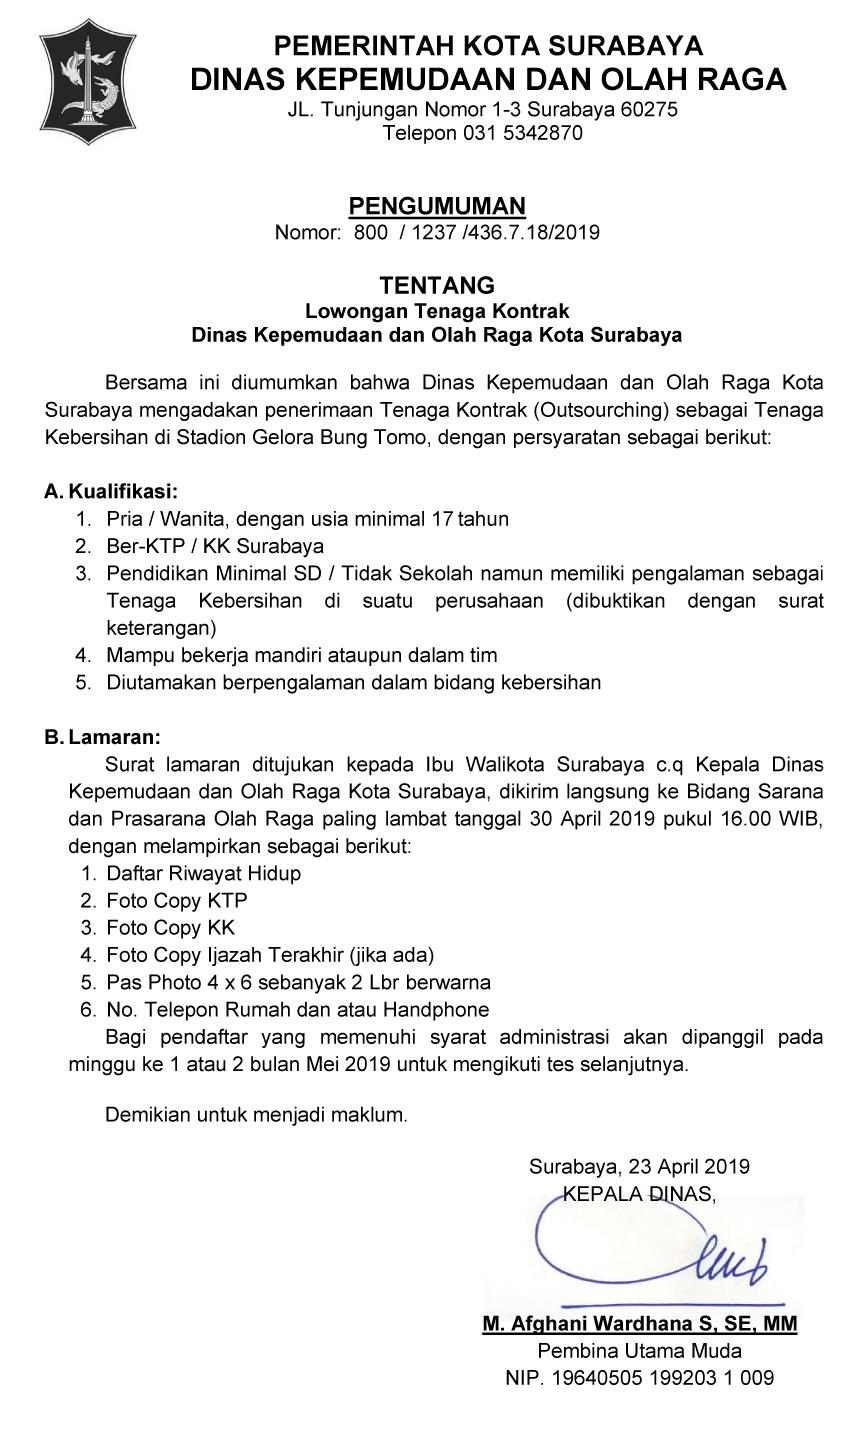 Lowongan Kerja Tenaga Kontrak Dinas Kepemudaan dan Olah Raga Kota Surabaya